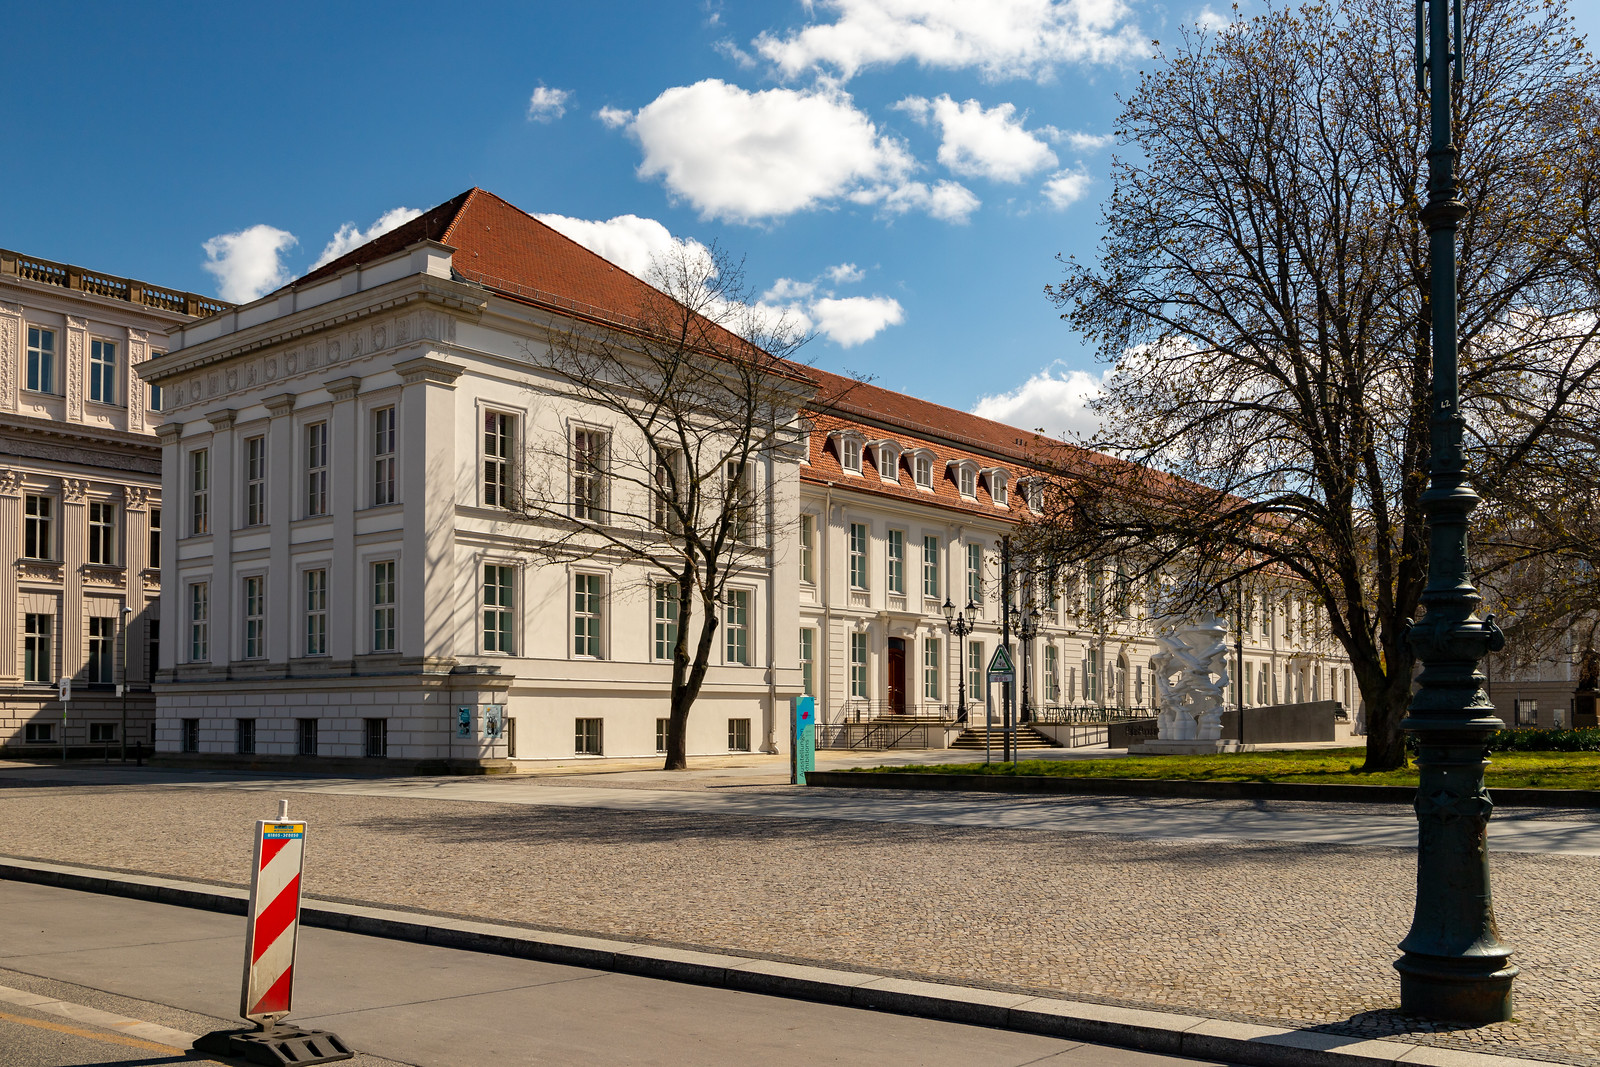 Das Prinzessinnenpalais